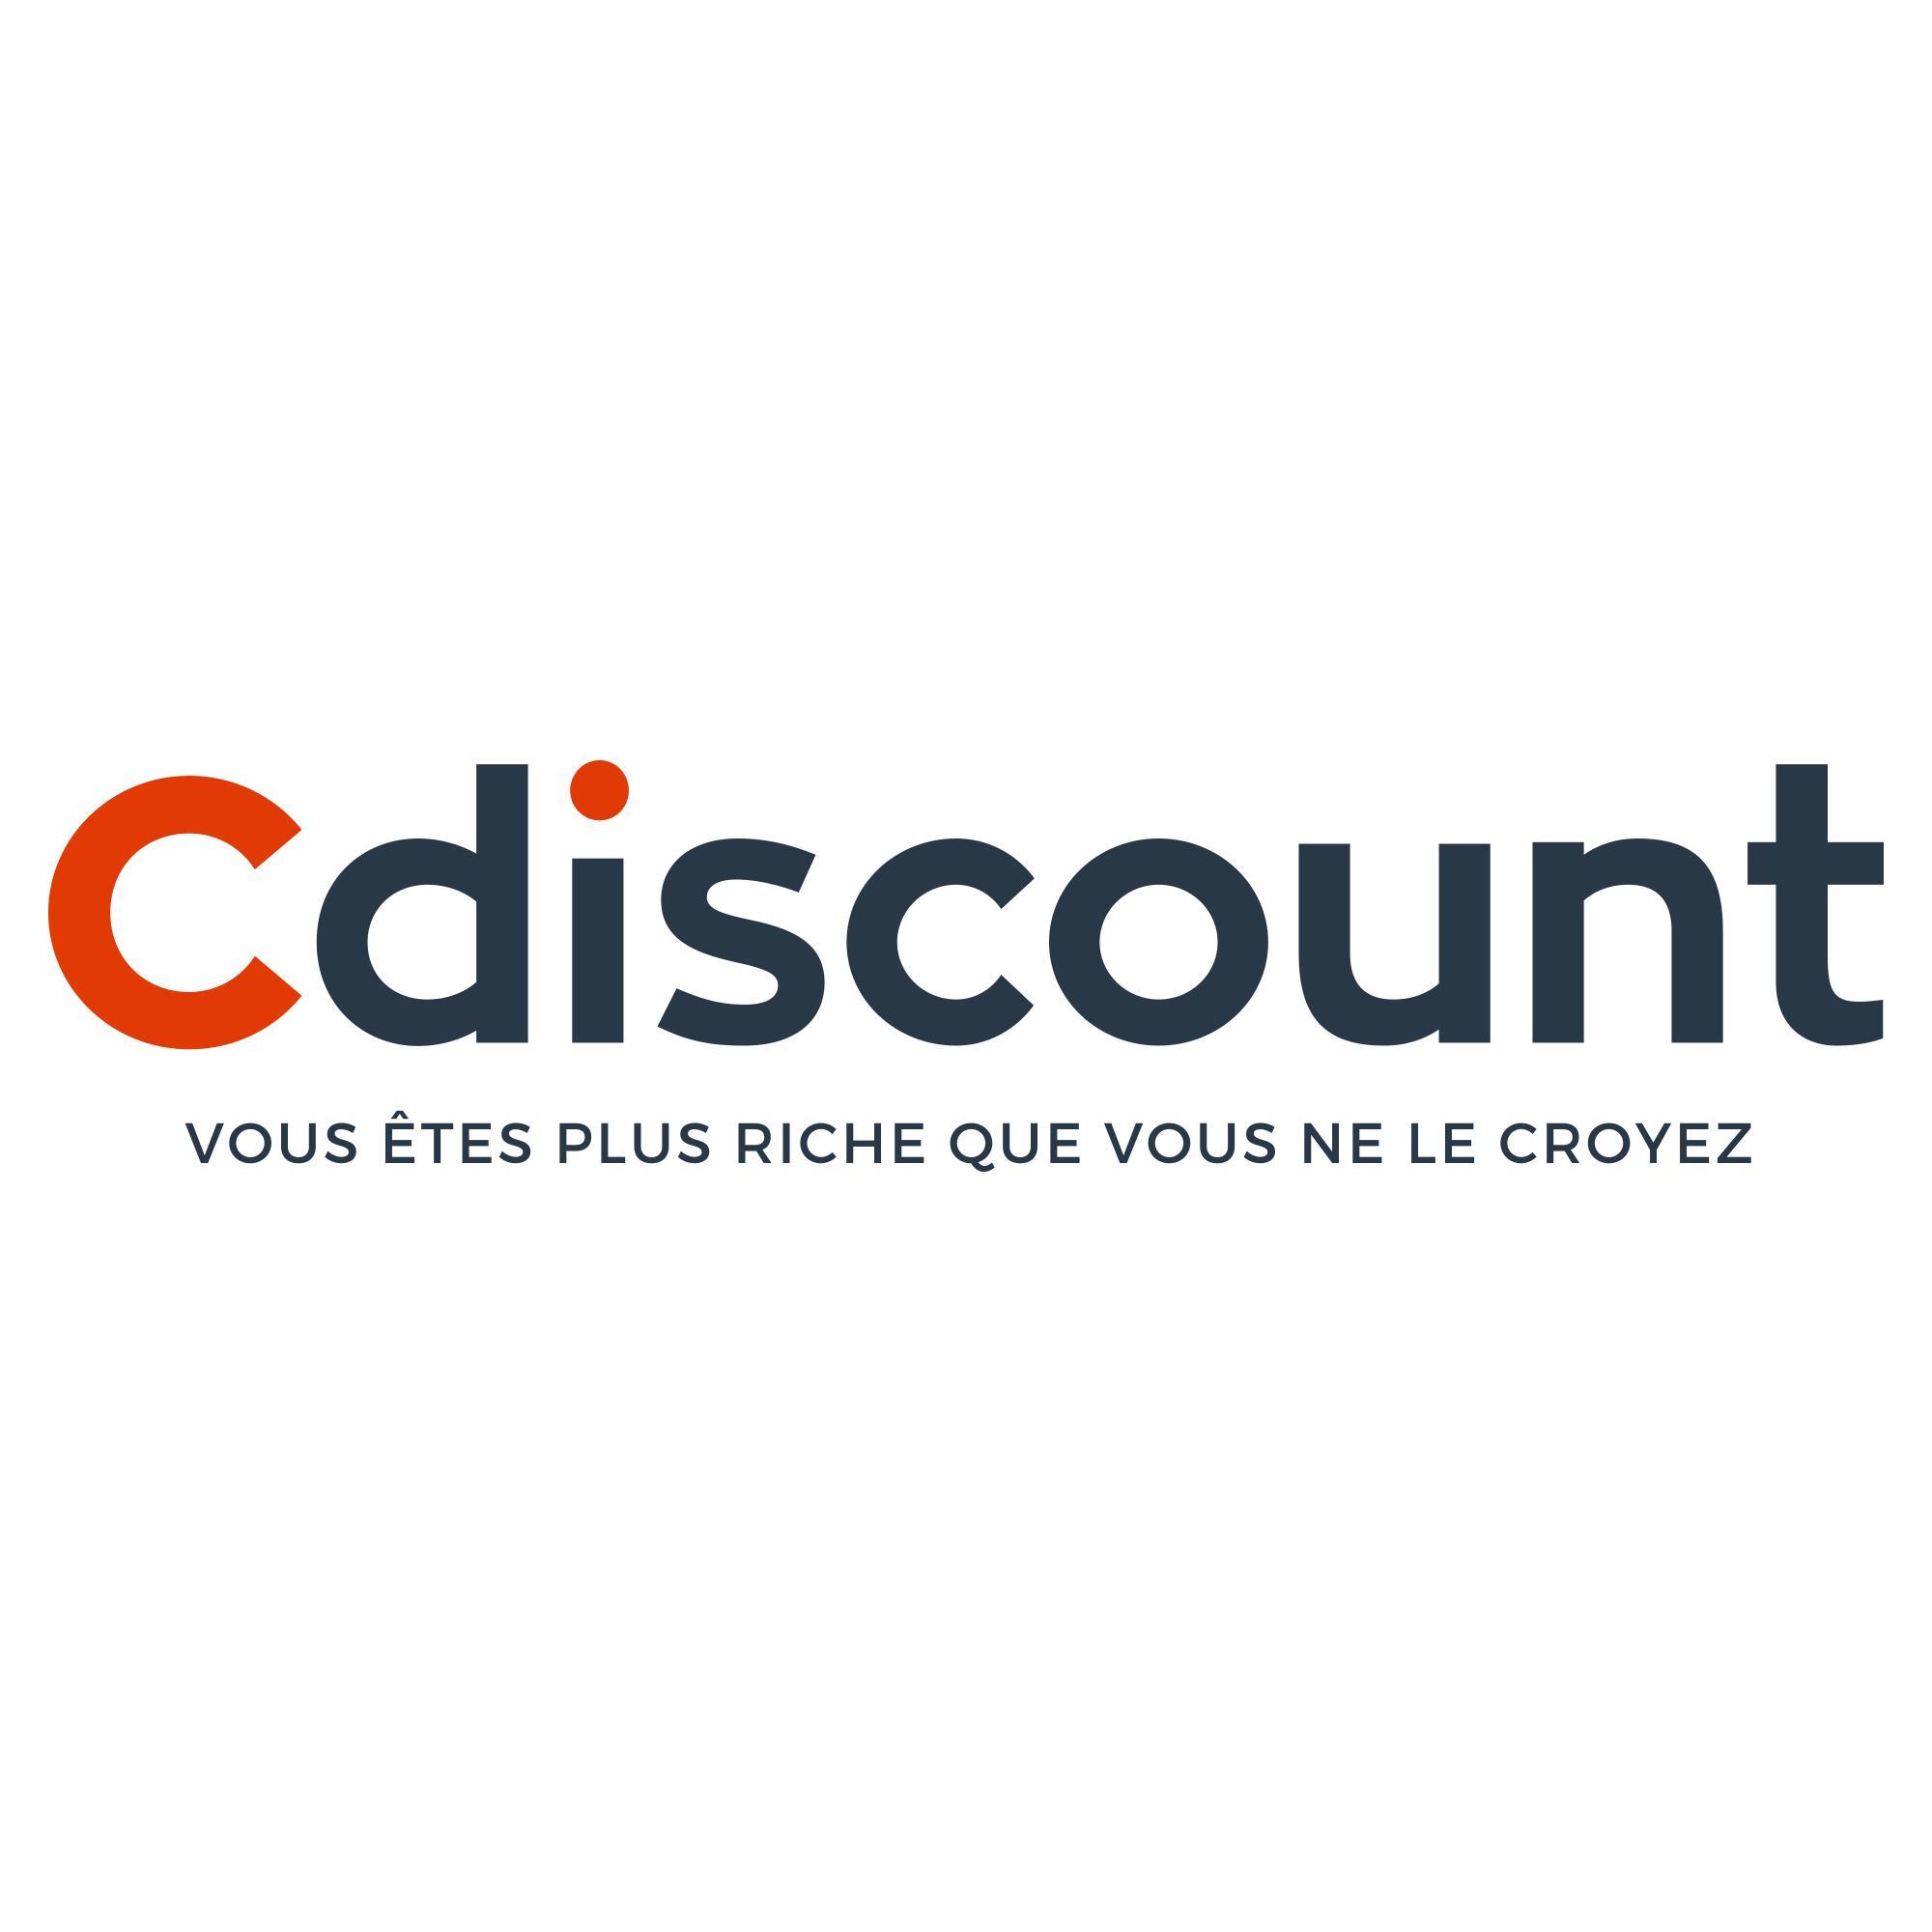 50€ de réduction dès 399€ d'achat sur tout le site (Hors exceptions)